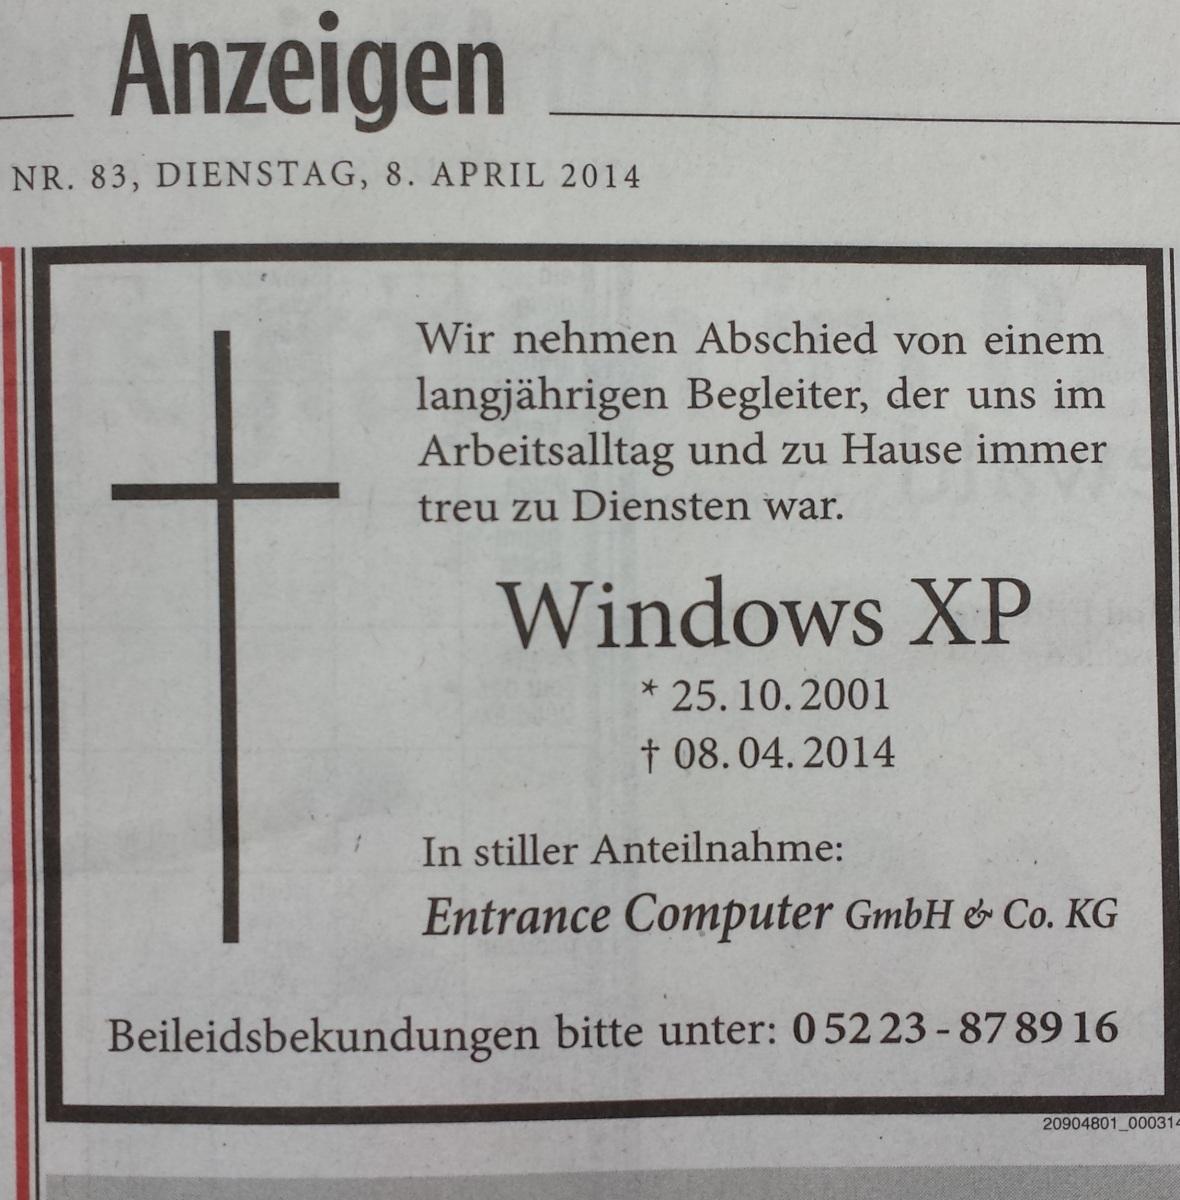 Das Support-Ende von Windows XP bescherte dem PC-Markt einen wahren Höhenflug. Der Austauschzyklus sorgte dafür, dass die deutschen Distributoren den Absatz im zweiten Quartal um 33 Prozent steigern konnten. Die Entrance Computer schaltete pünktlich zum Support-Ende im April eine Traueranzeige, um für das Migrationsgeschäft zu werben.